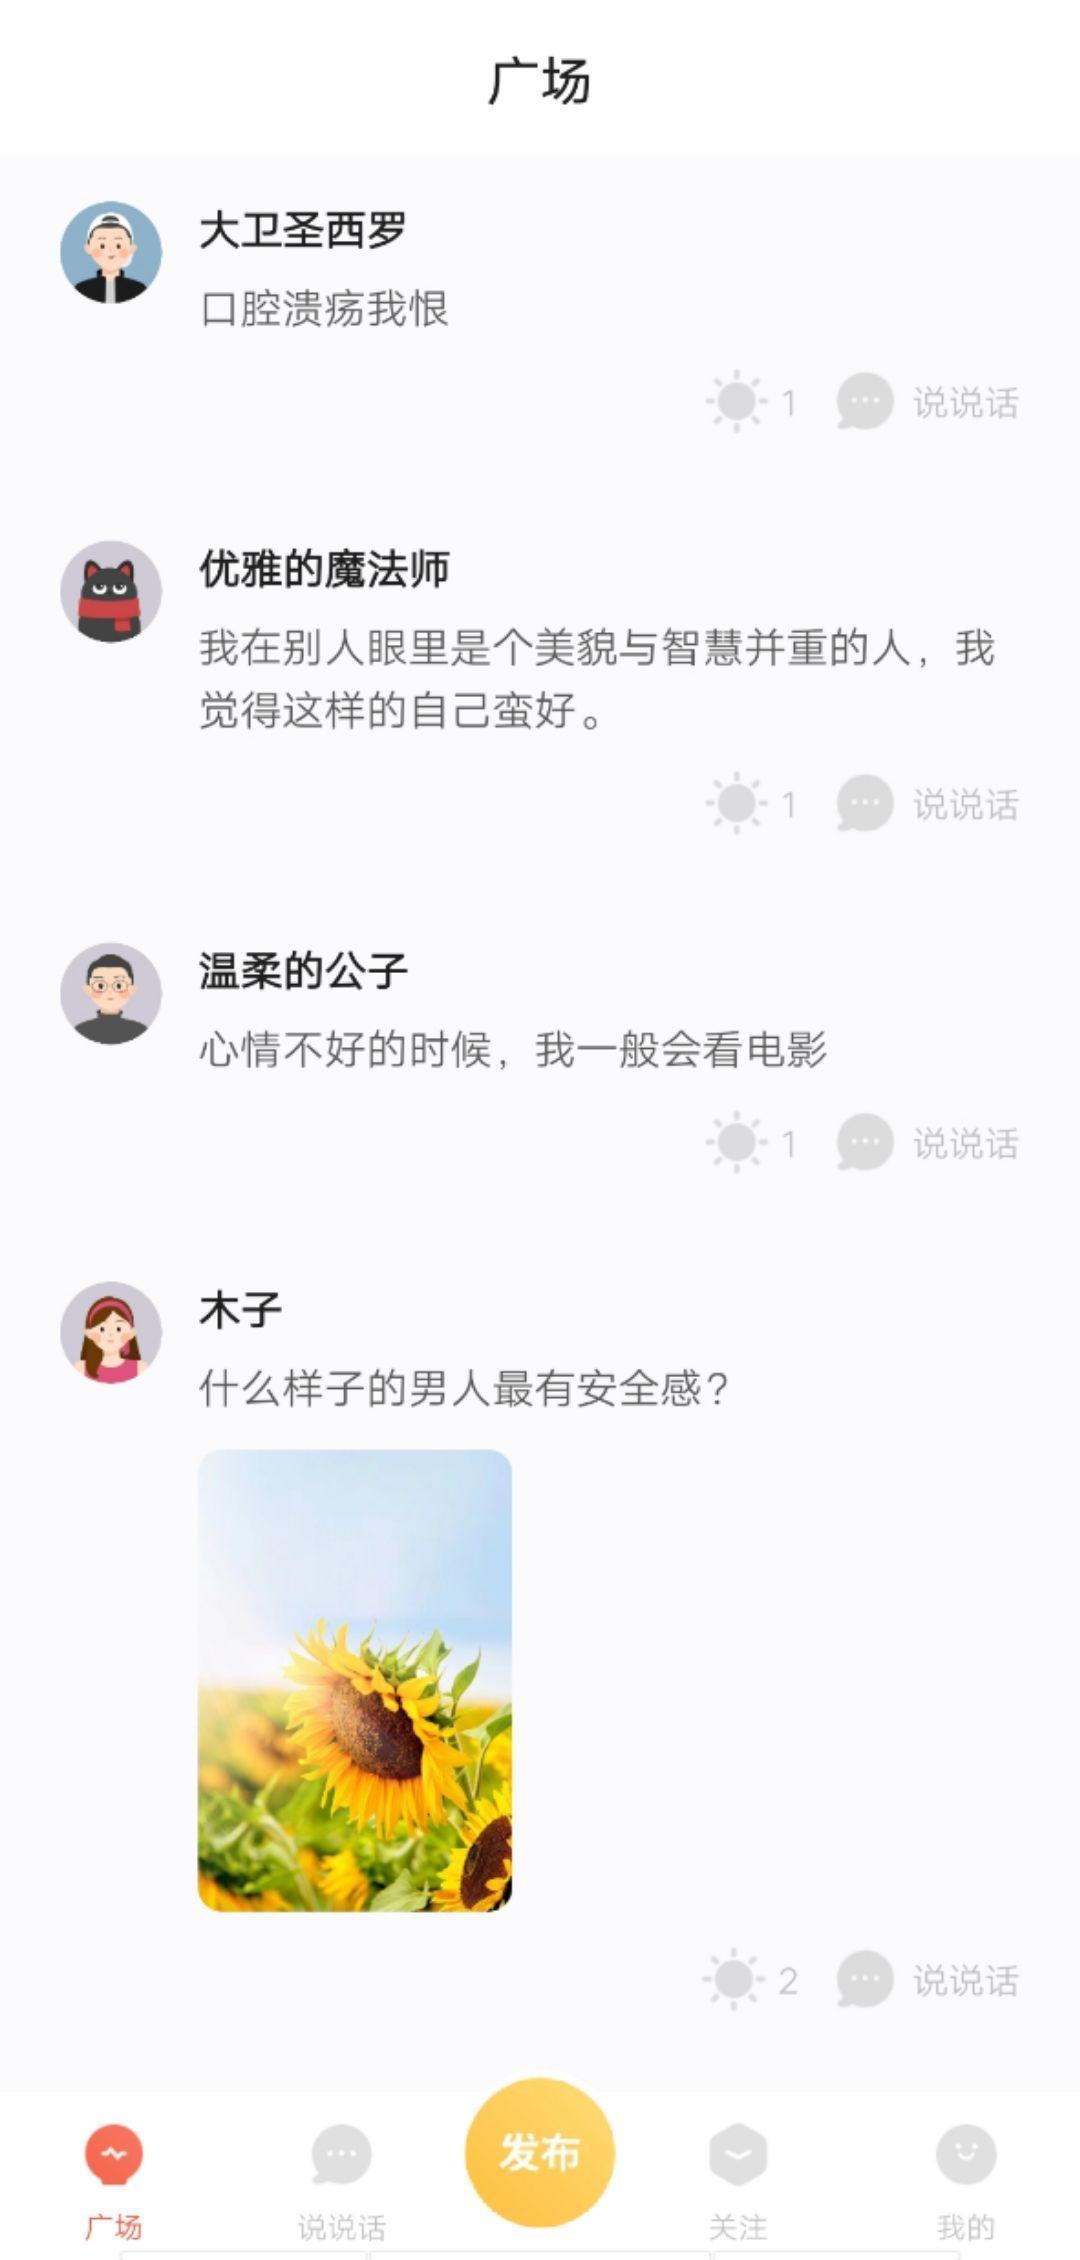 独家丨腾讯上线匿名社交APP「灯遇交友」,漂流瓶复活?